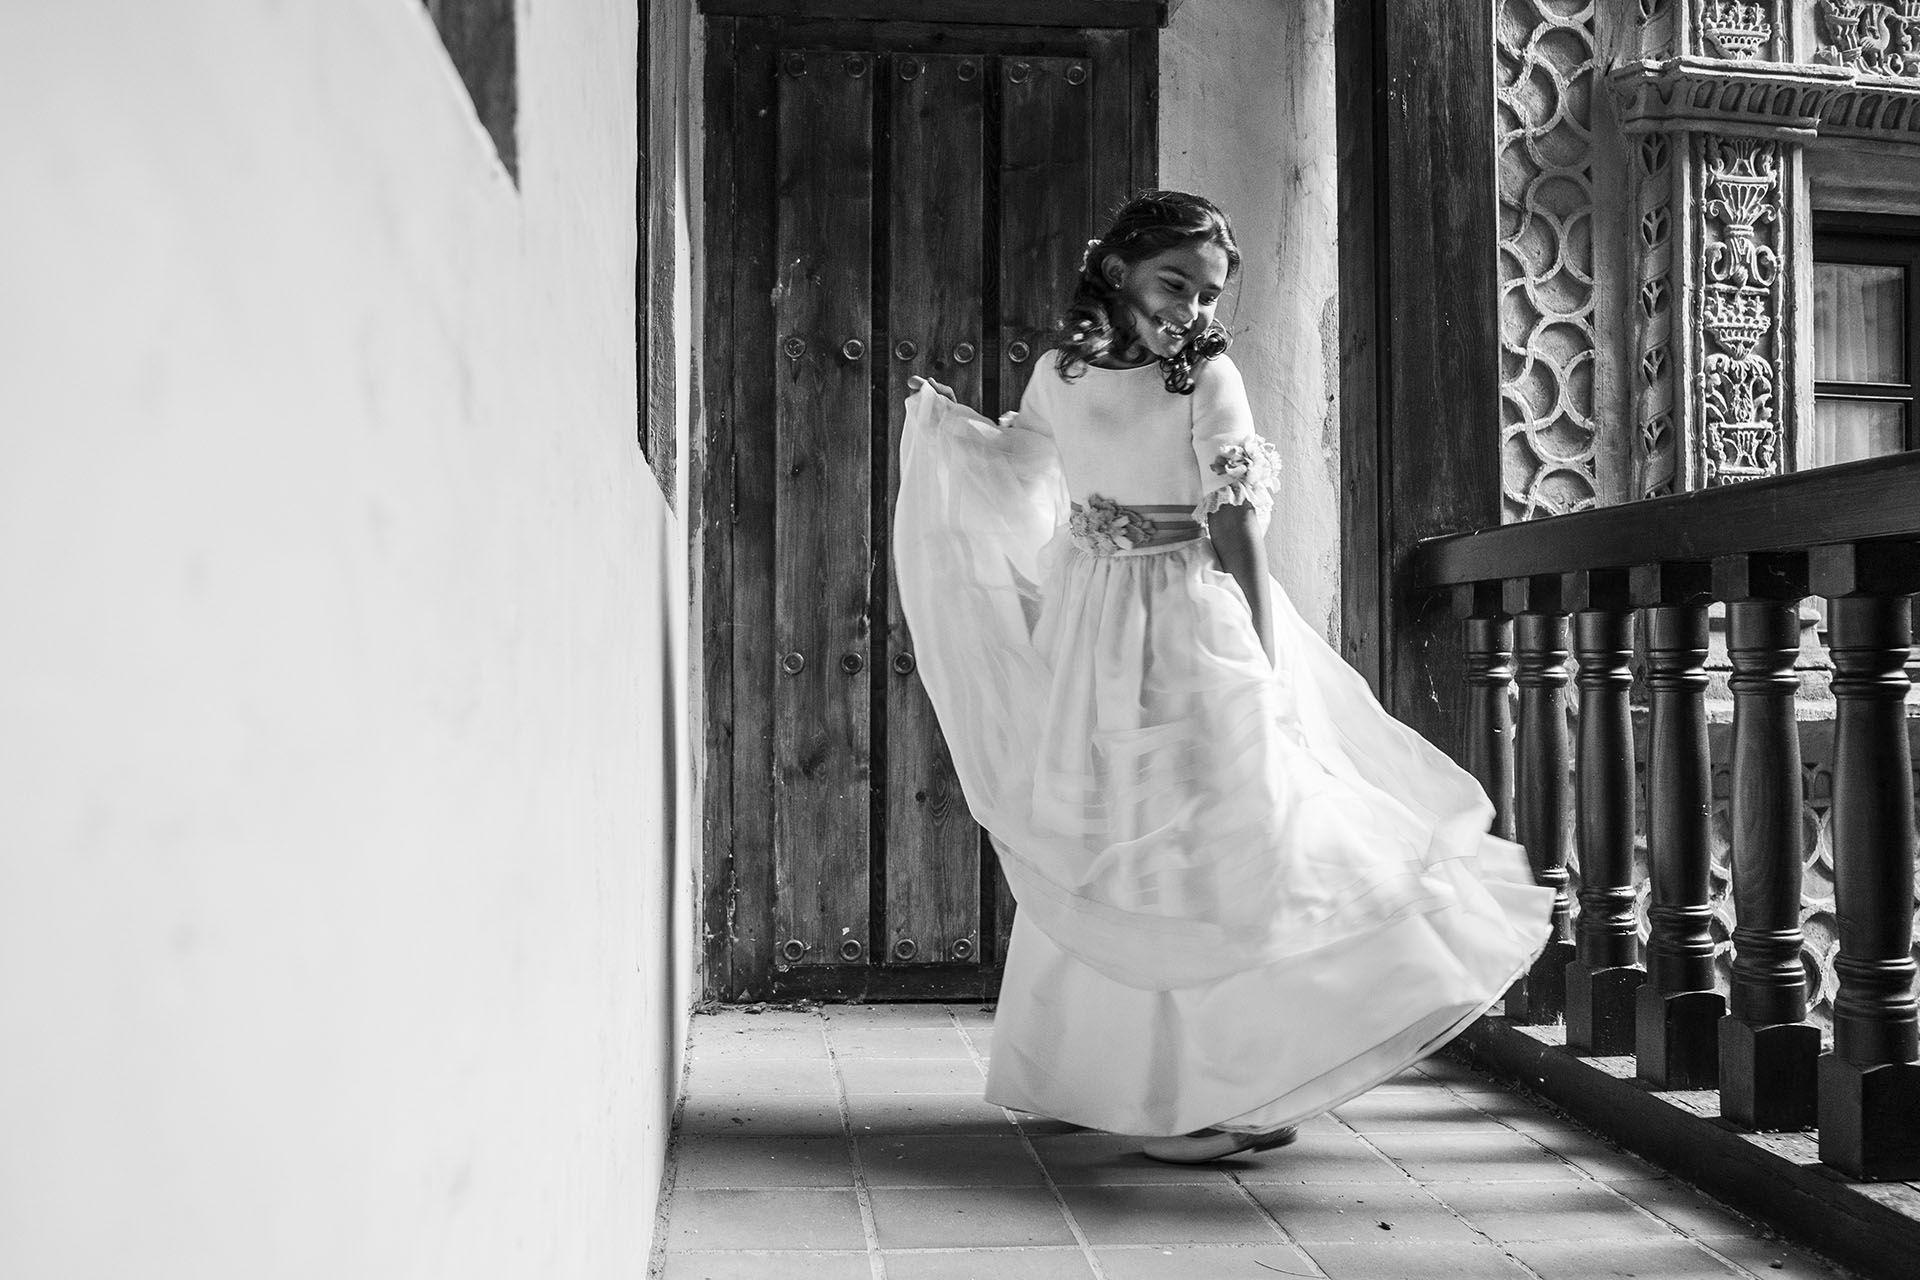 angela coronel-fotografia-comunion-molina de aragon-sofia